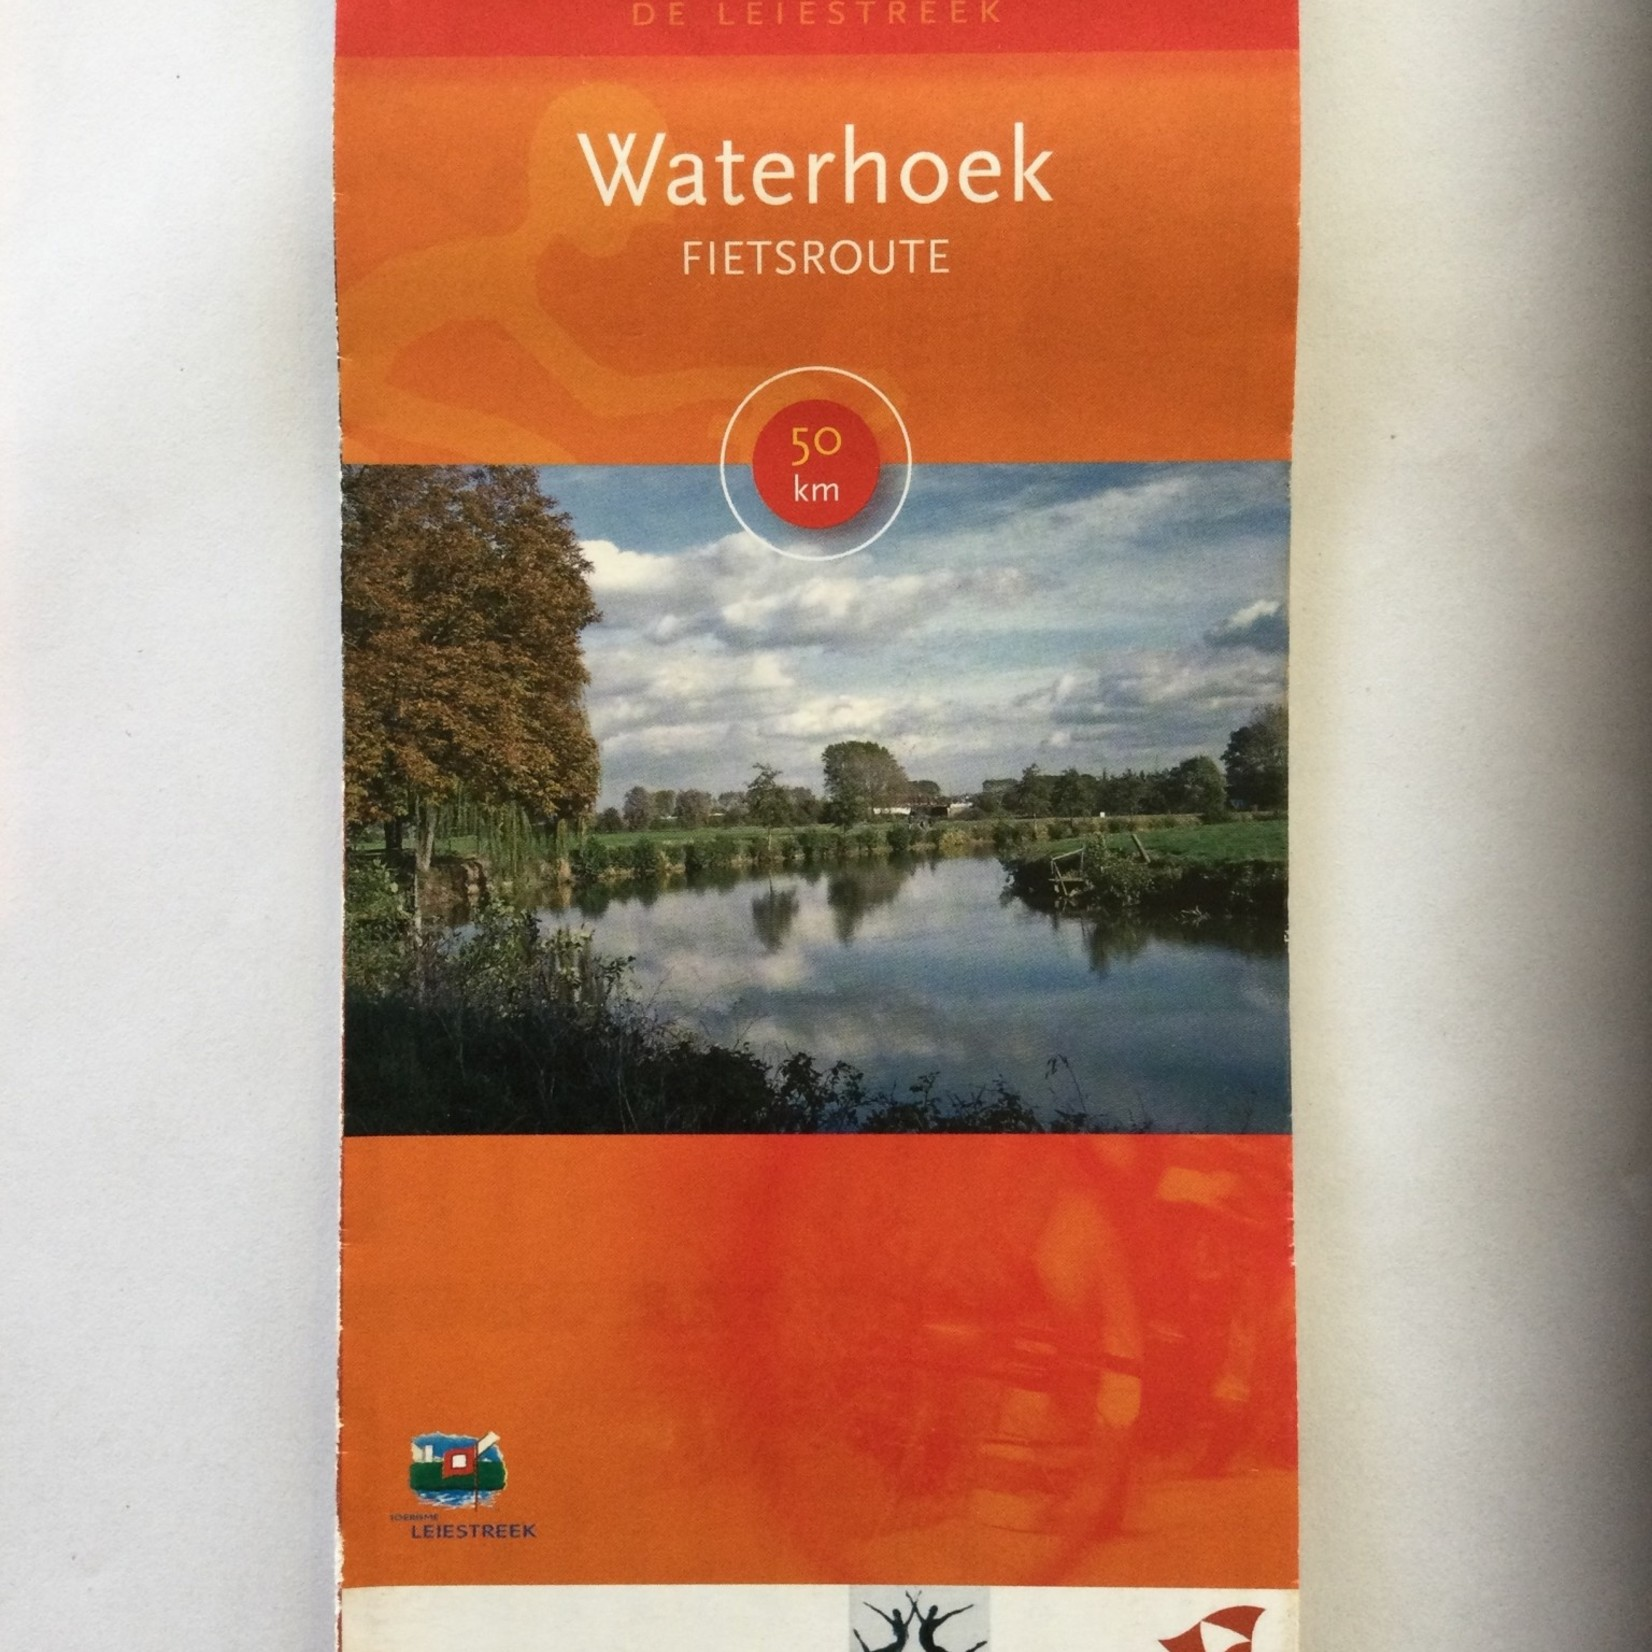 Kaart met fietsroute 'Waterhoek' (50km)